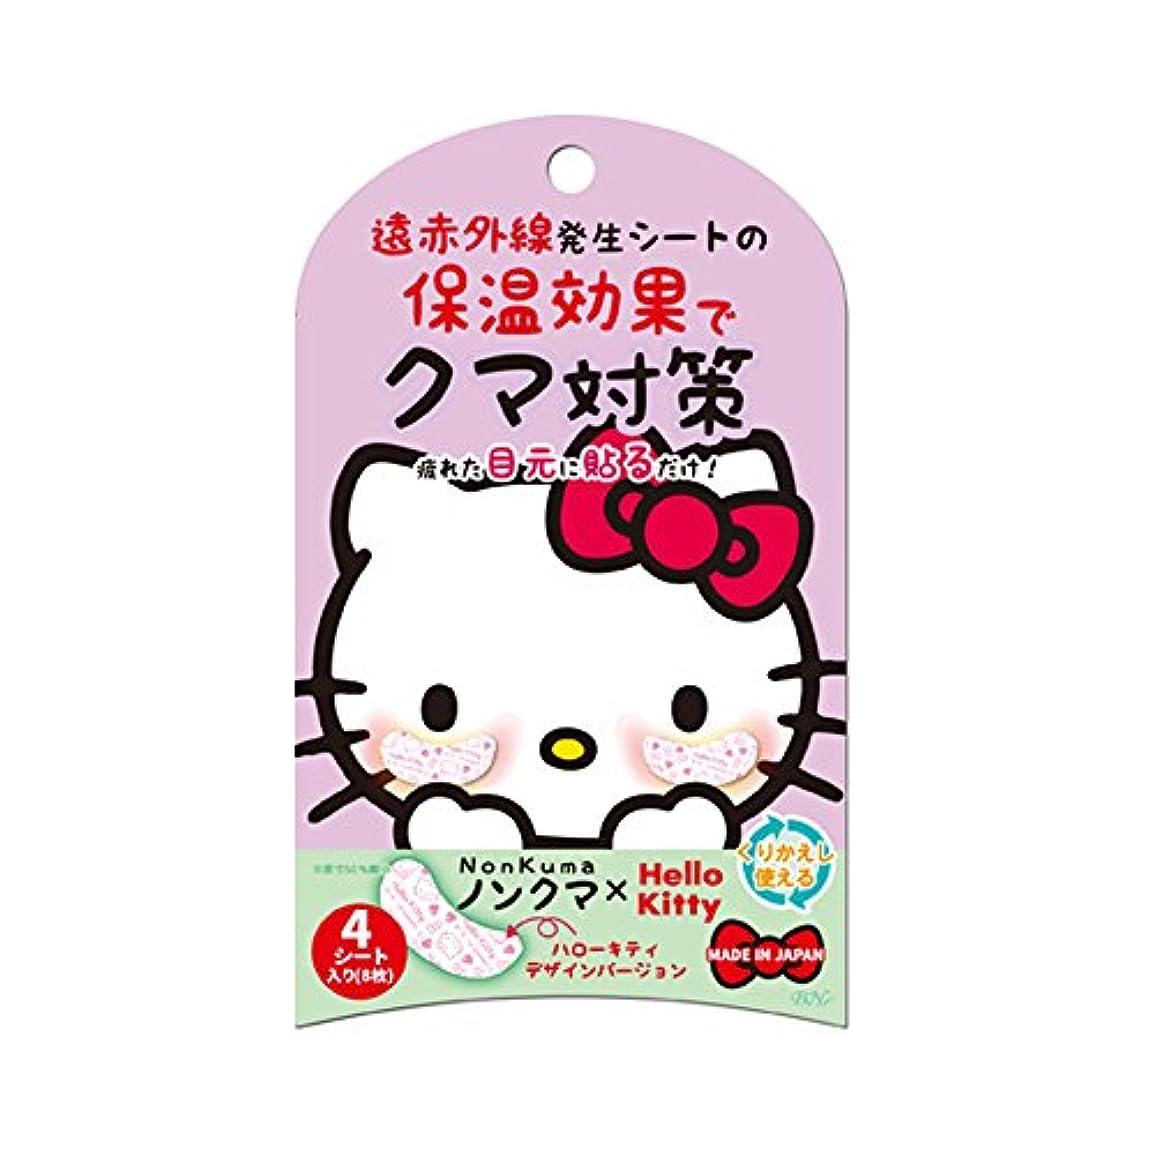 不完全な平野童謡BN ノンクマ×ハローキティ NKHK-01 4シート(8枚入り)